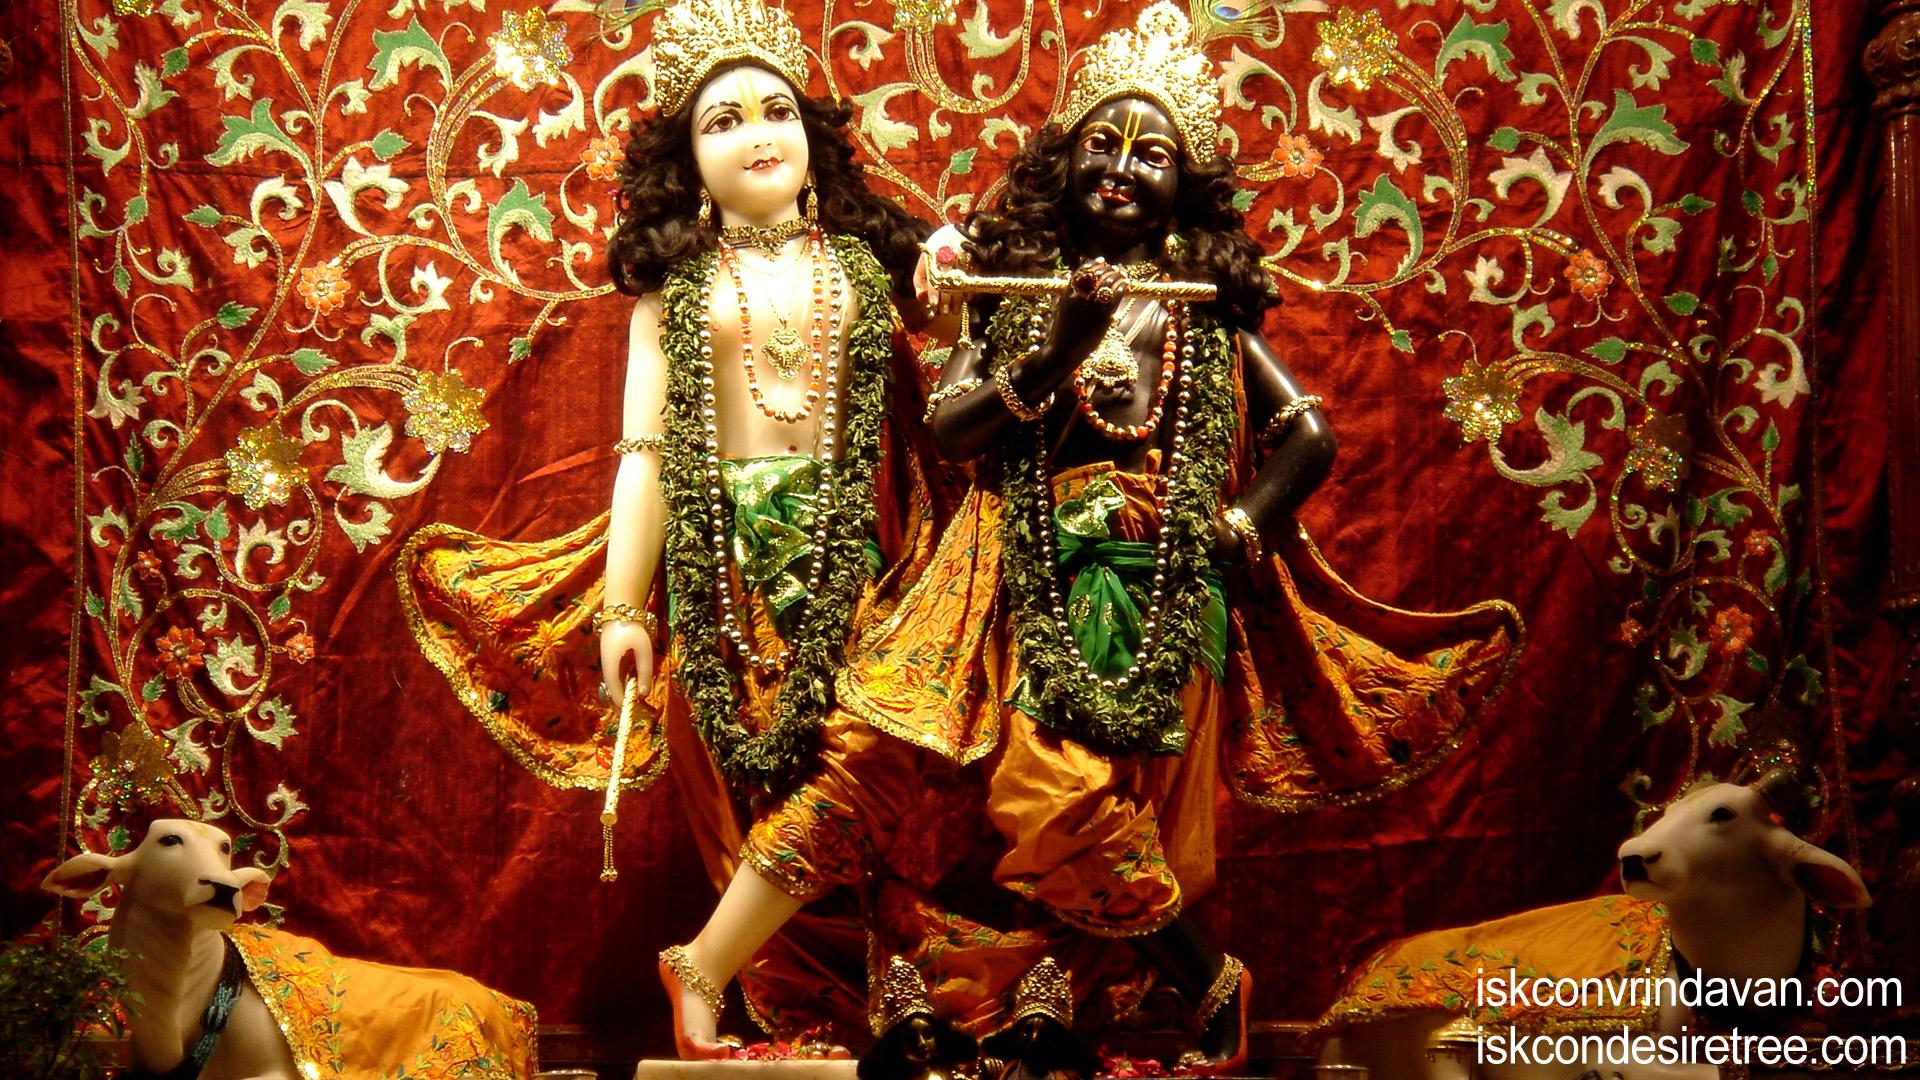 Sri Sri Krishna Balaram Wallpaper (087) Size 1920x1080 Download